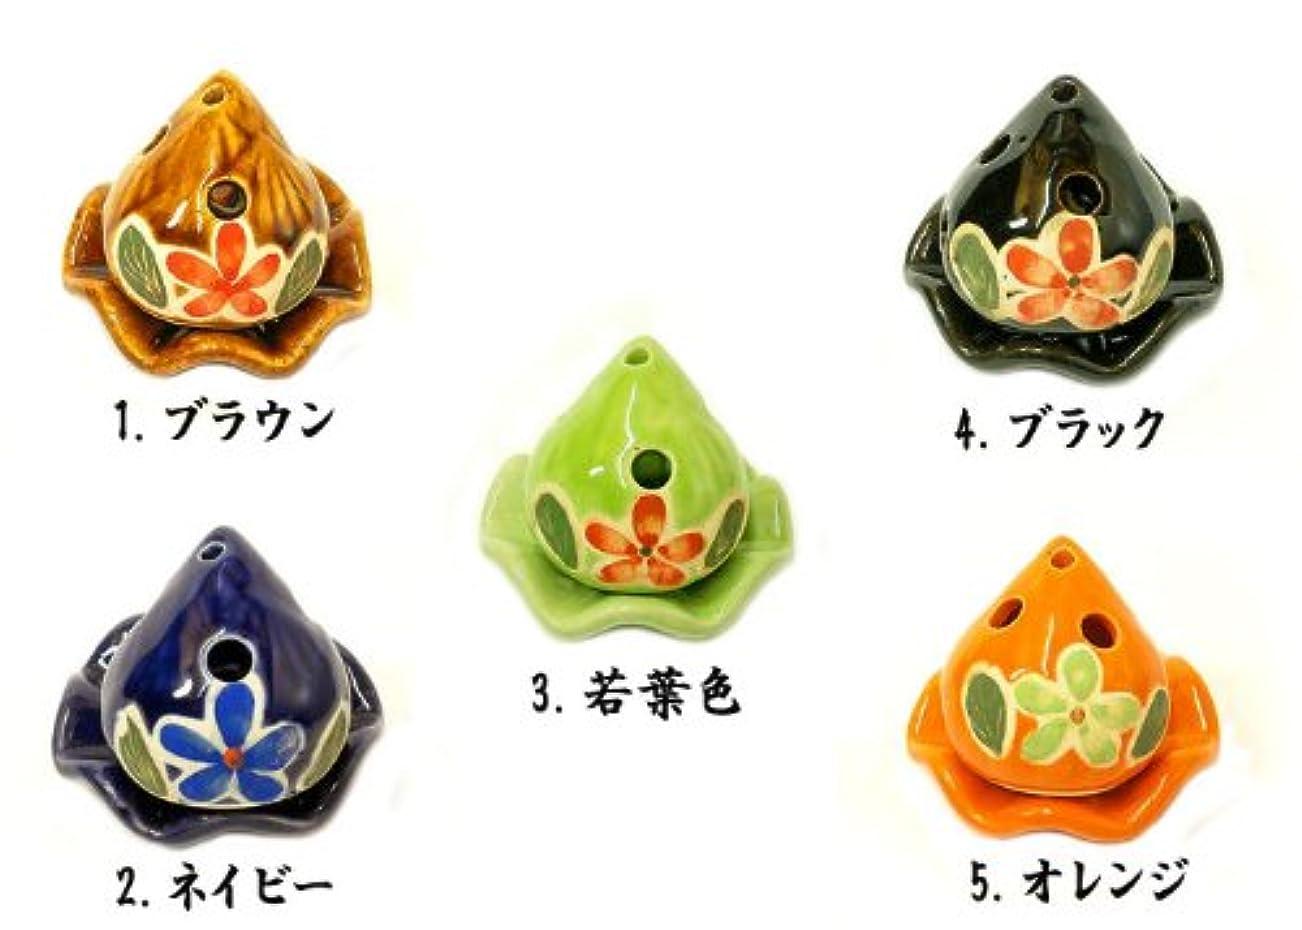 シャックル平野現実的ロータス柄 蓮の花の香炉 コーン型 インセンスホルダー コーン用お香たて アジアン雑貨 (1.ブラウン)